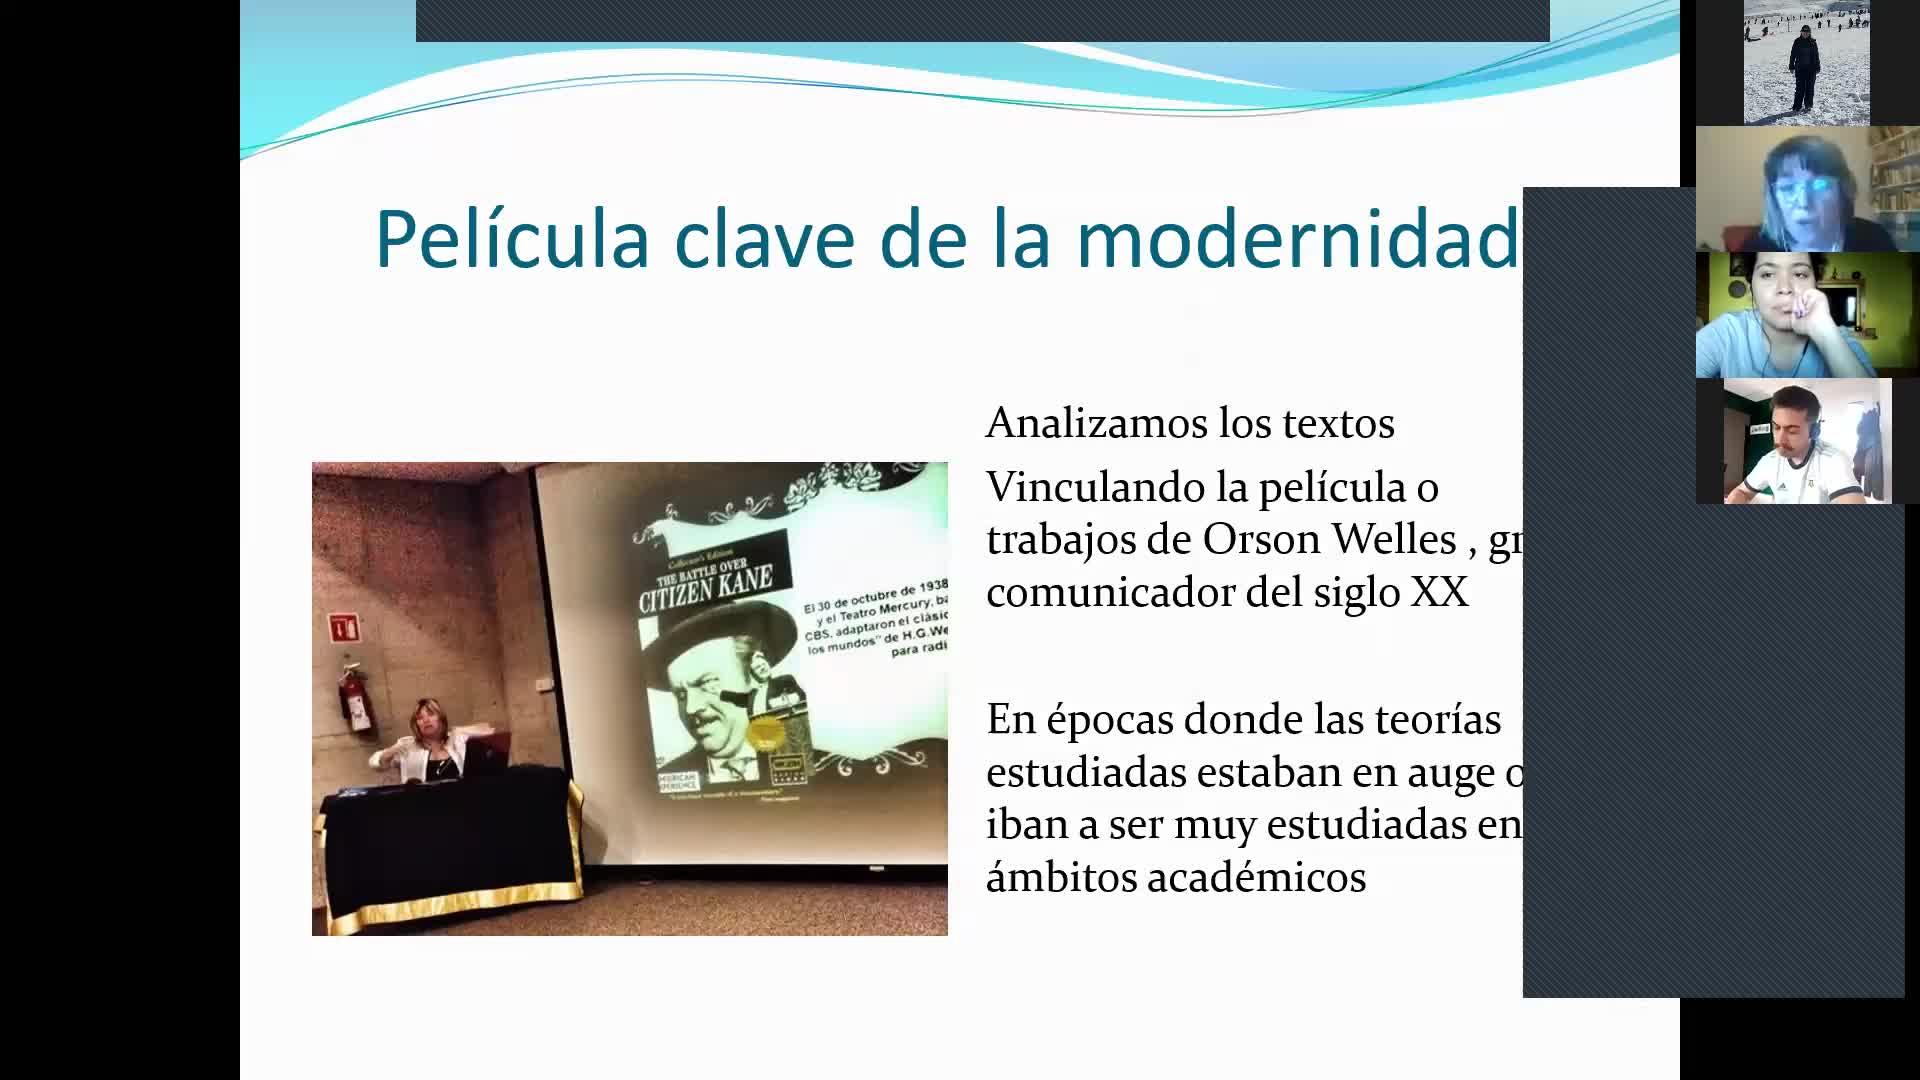 comunicacion-social-comunicacion-social-ii-monasterio-unidadi-clase-06a